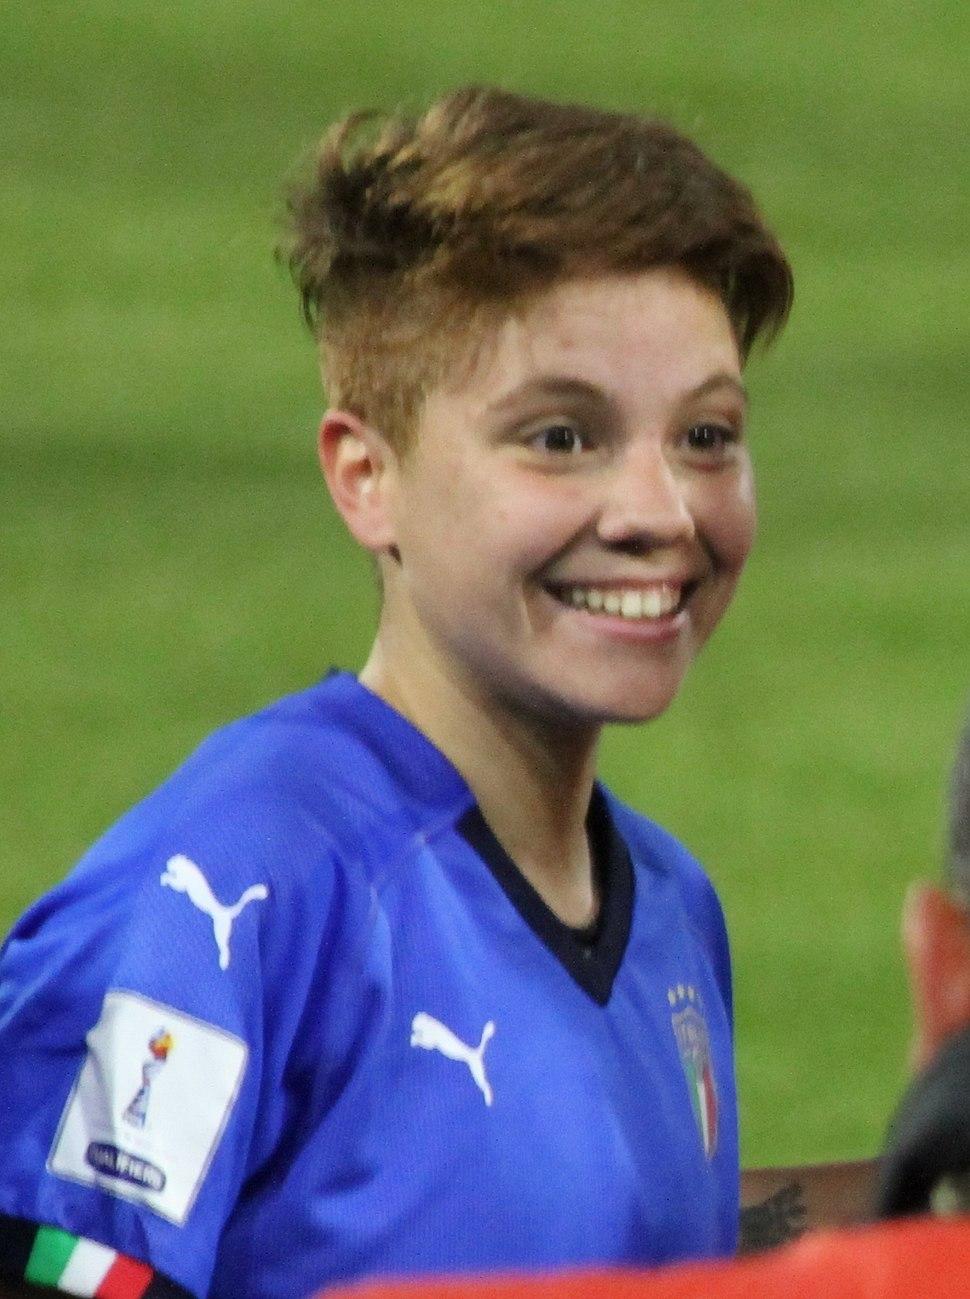 Manuela Giugliano, Italy vs Belgium women's, Ferrara 2018-04-10 06